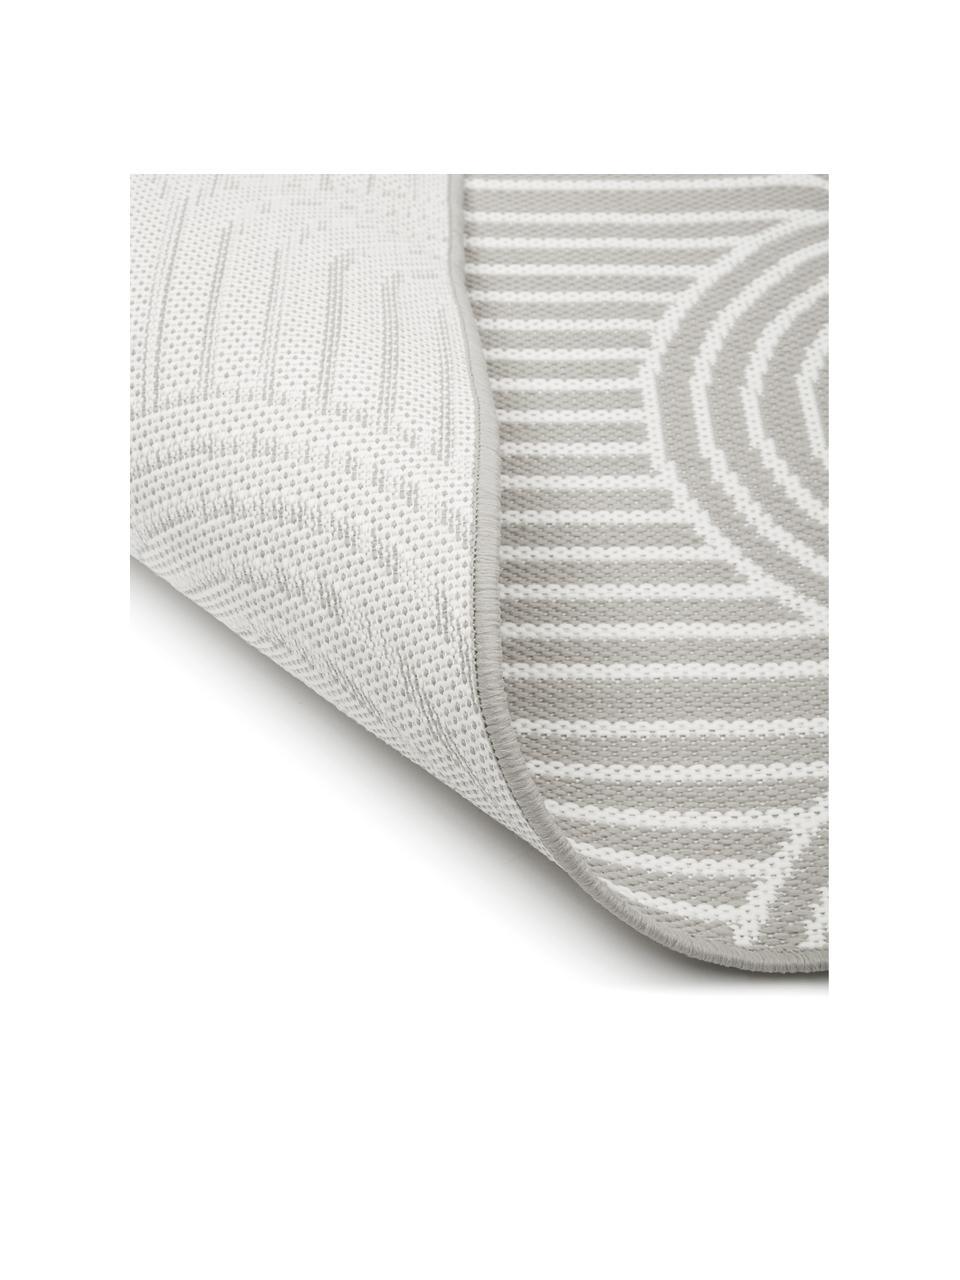 Passatoia color grigio/bianco crema da interno-esterno Arches, 86% polipropilene, 14% poliestere, Grigio, bianco, Larg. 80 x Lung. 250 cm